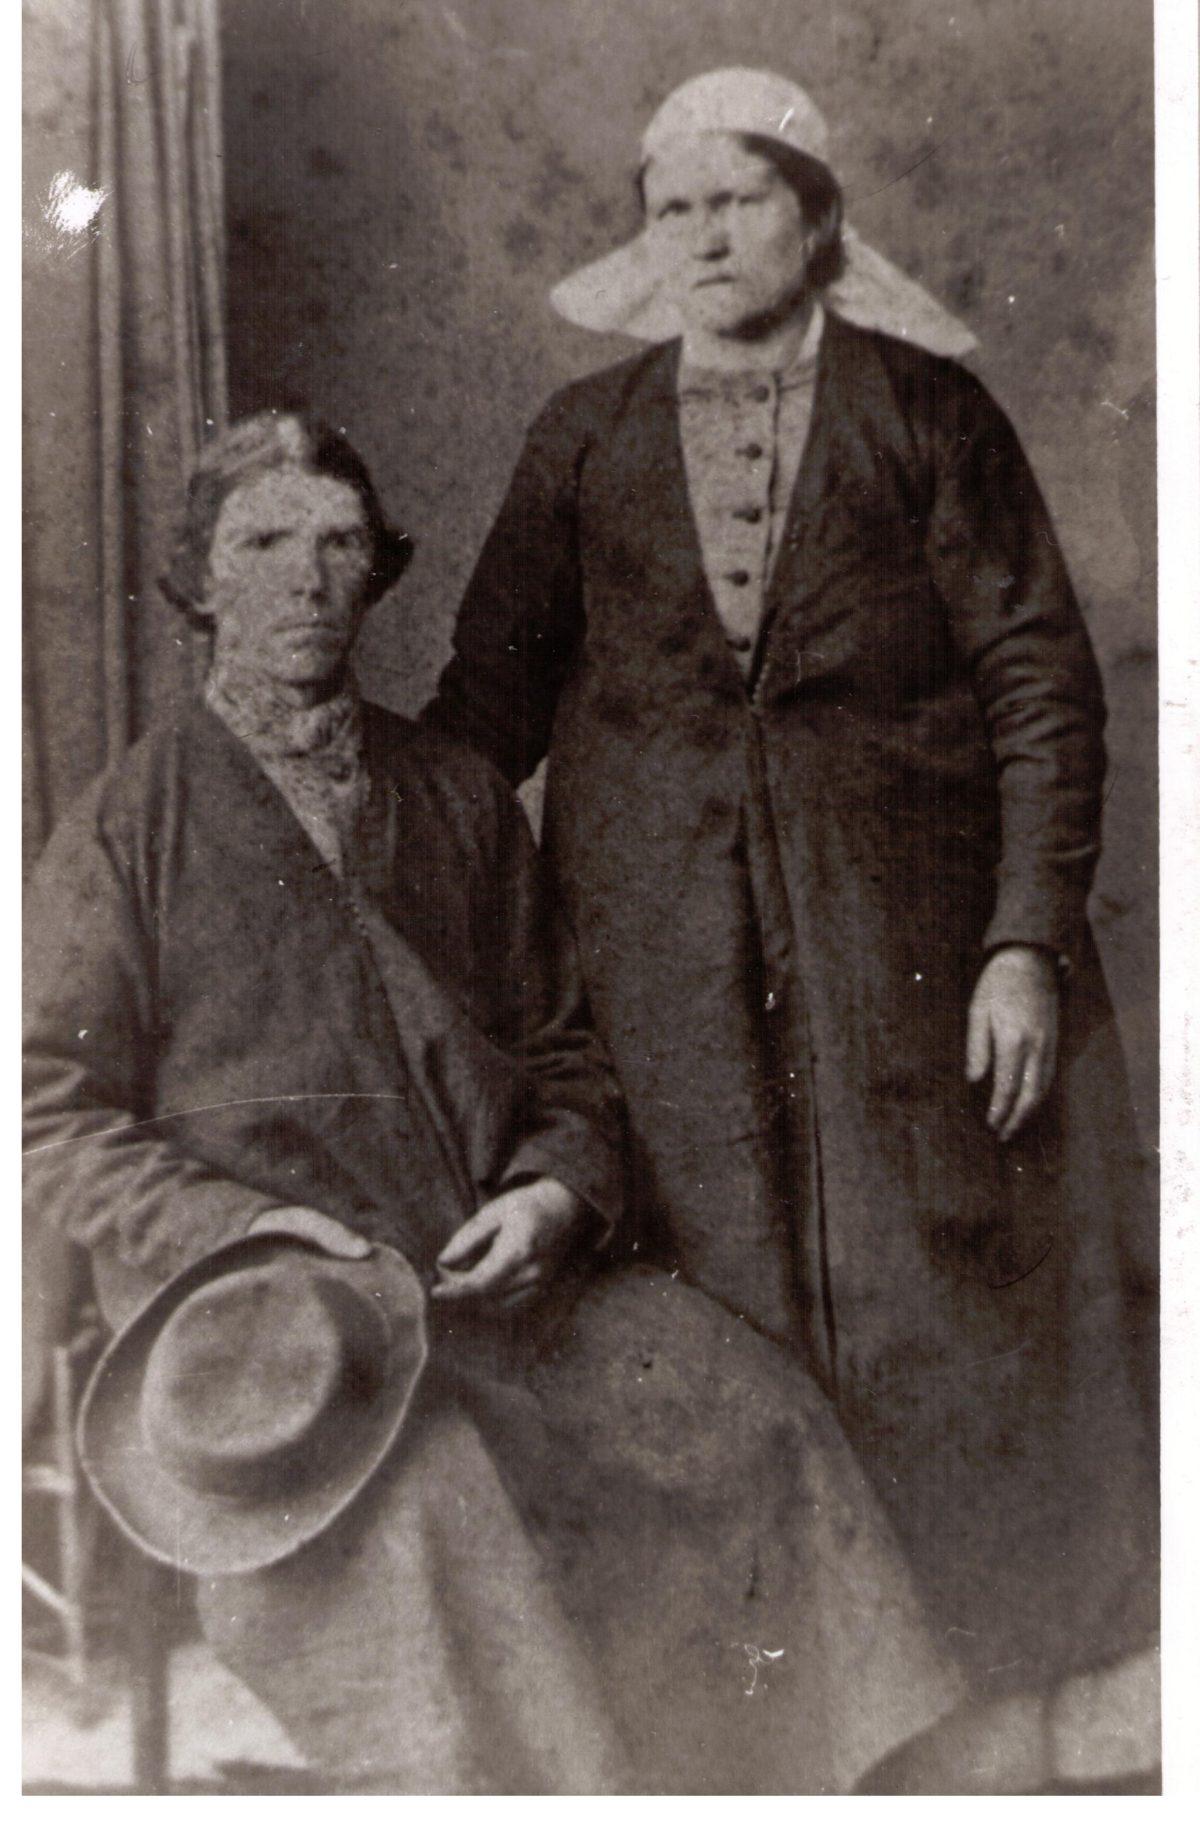 Karl Tamberg naise Kerdiga 1870. aastatel